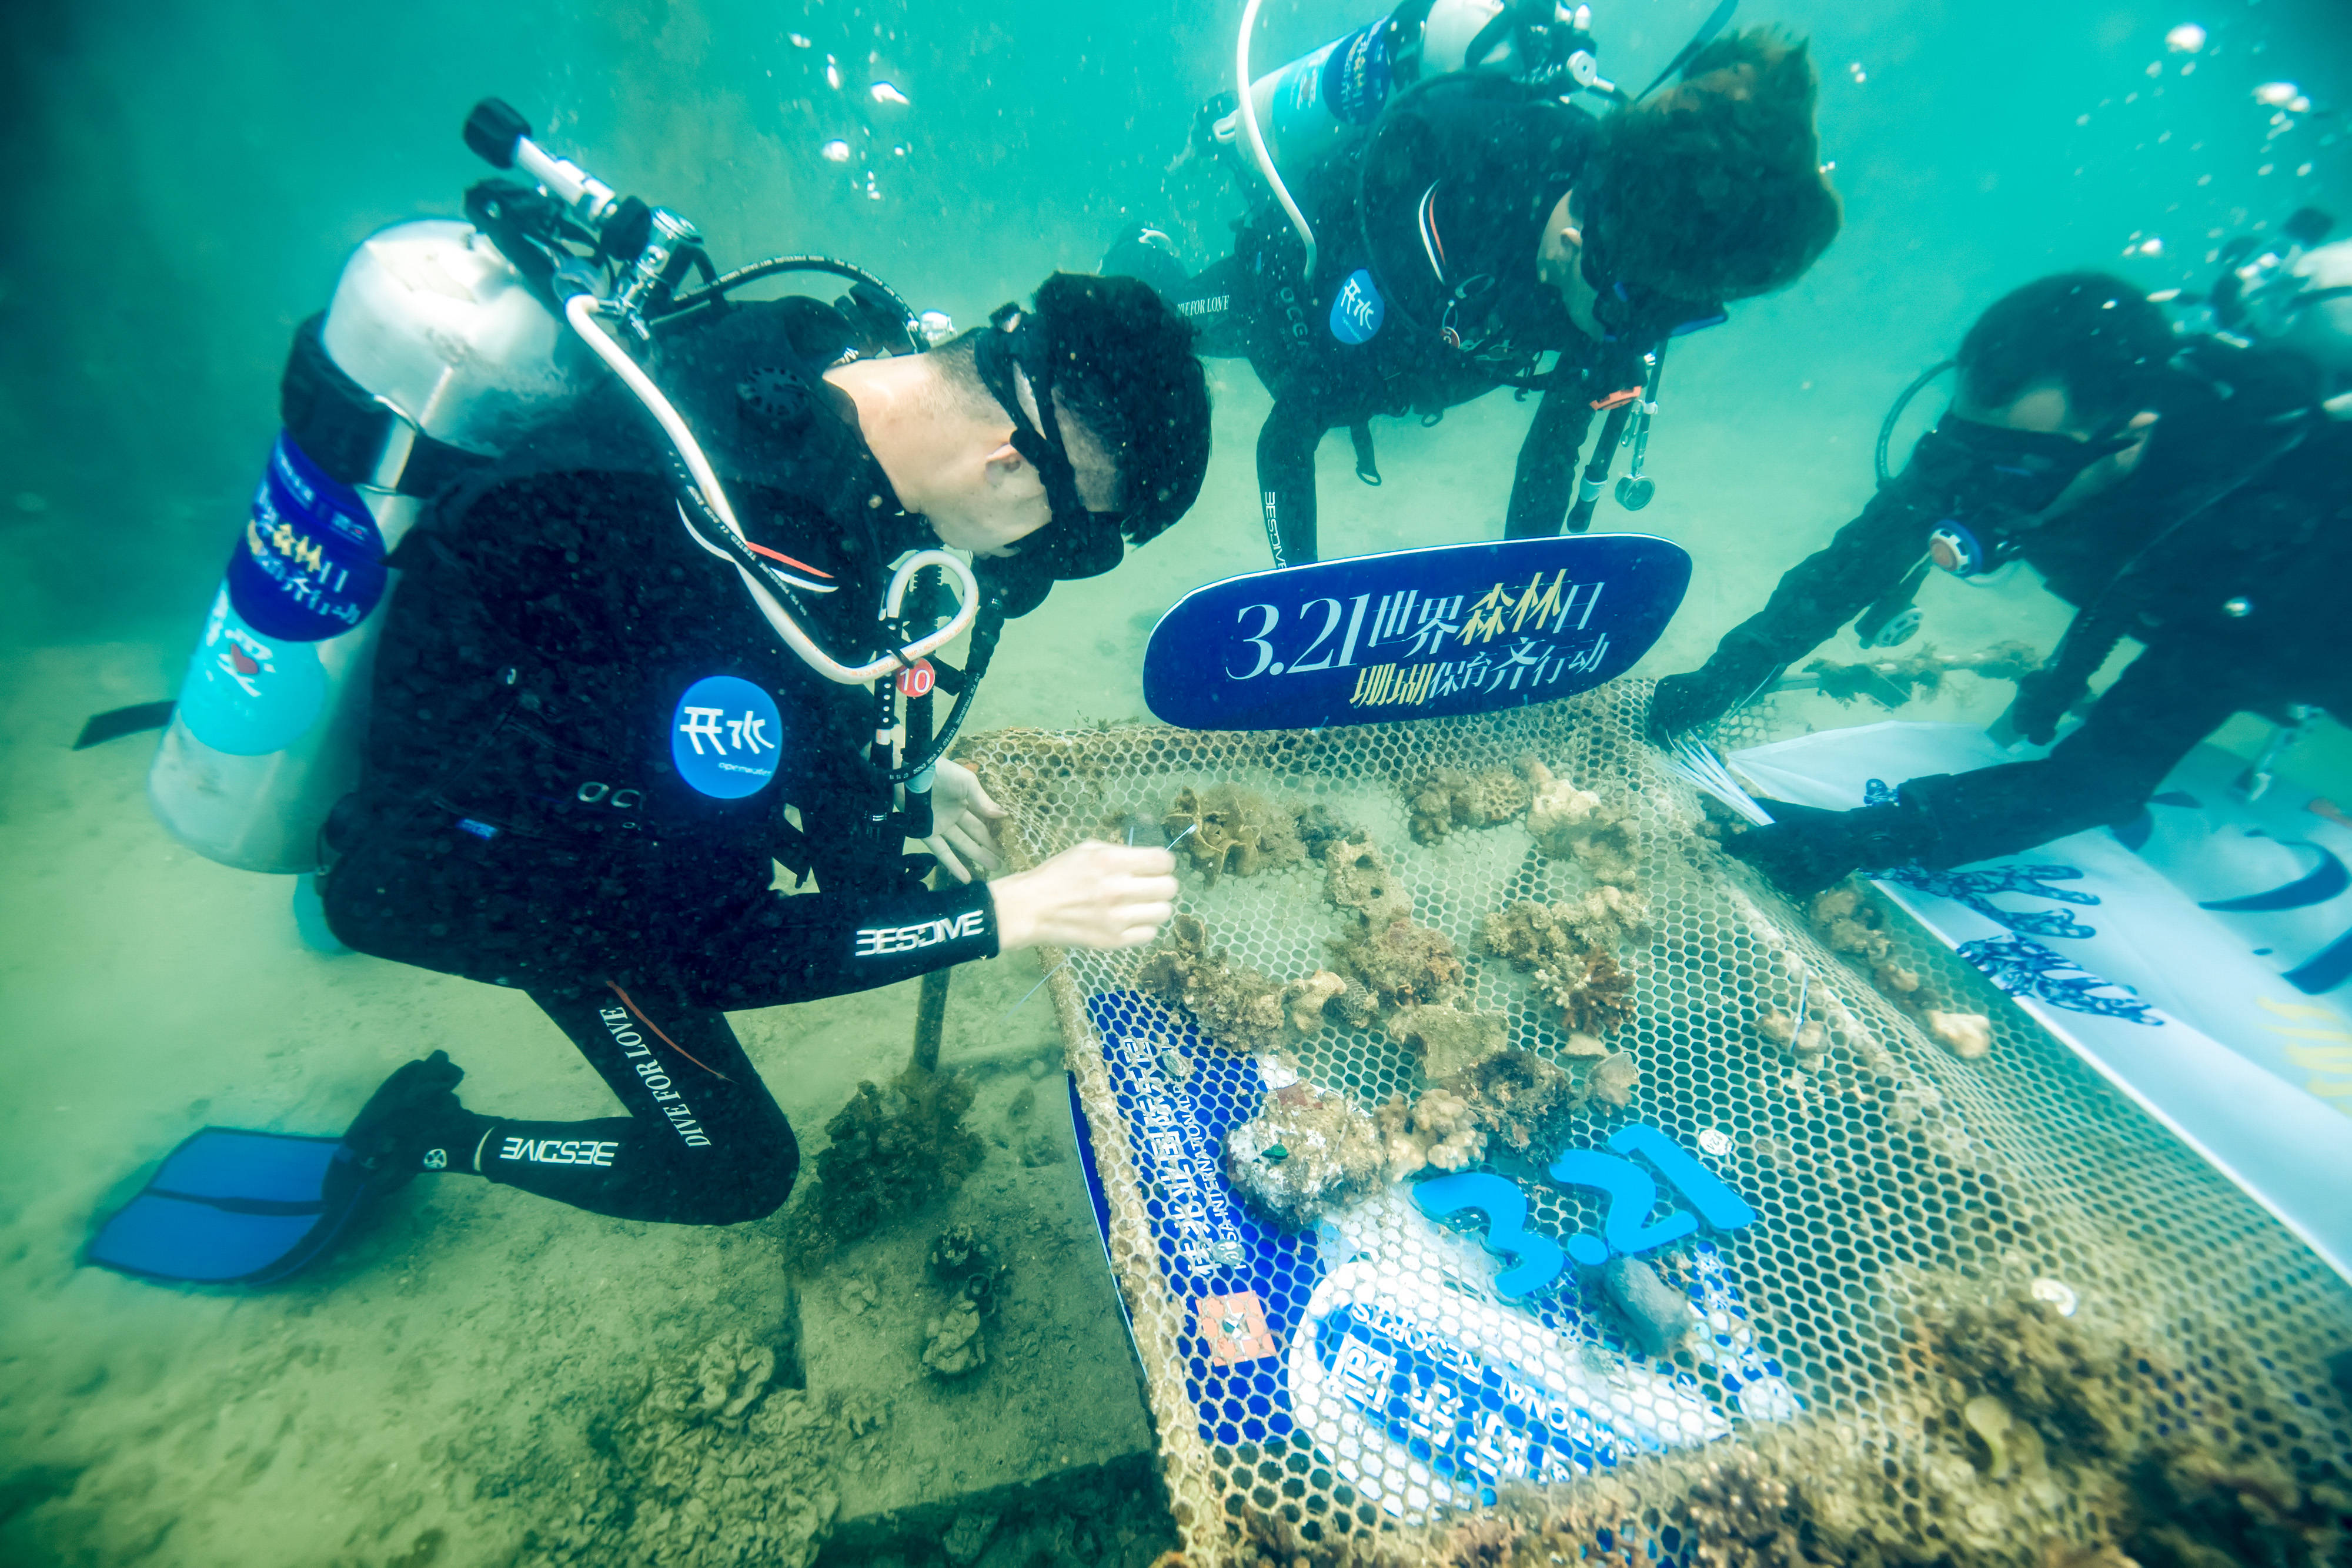 """保育""""海底森林"""" 海底扶植珊瑚"""